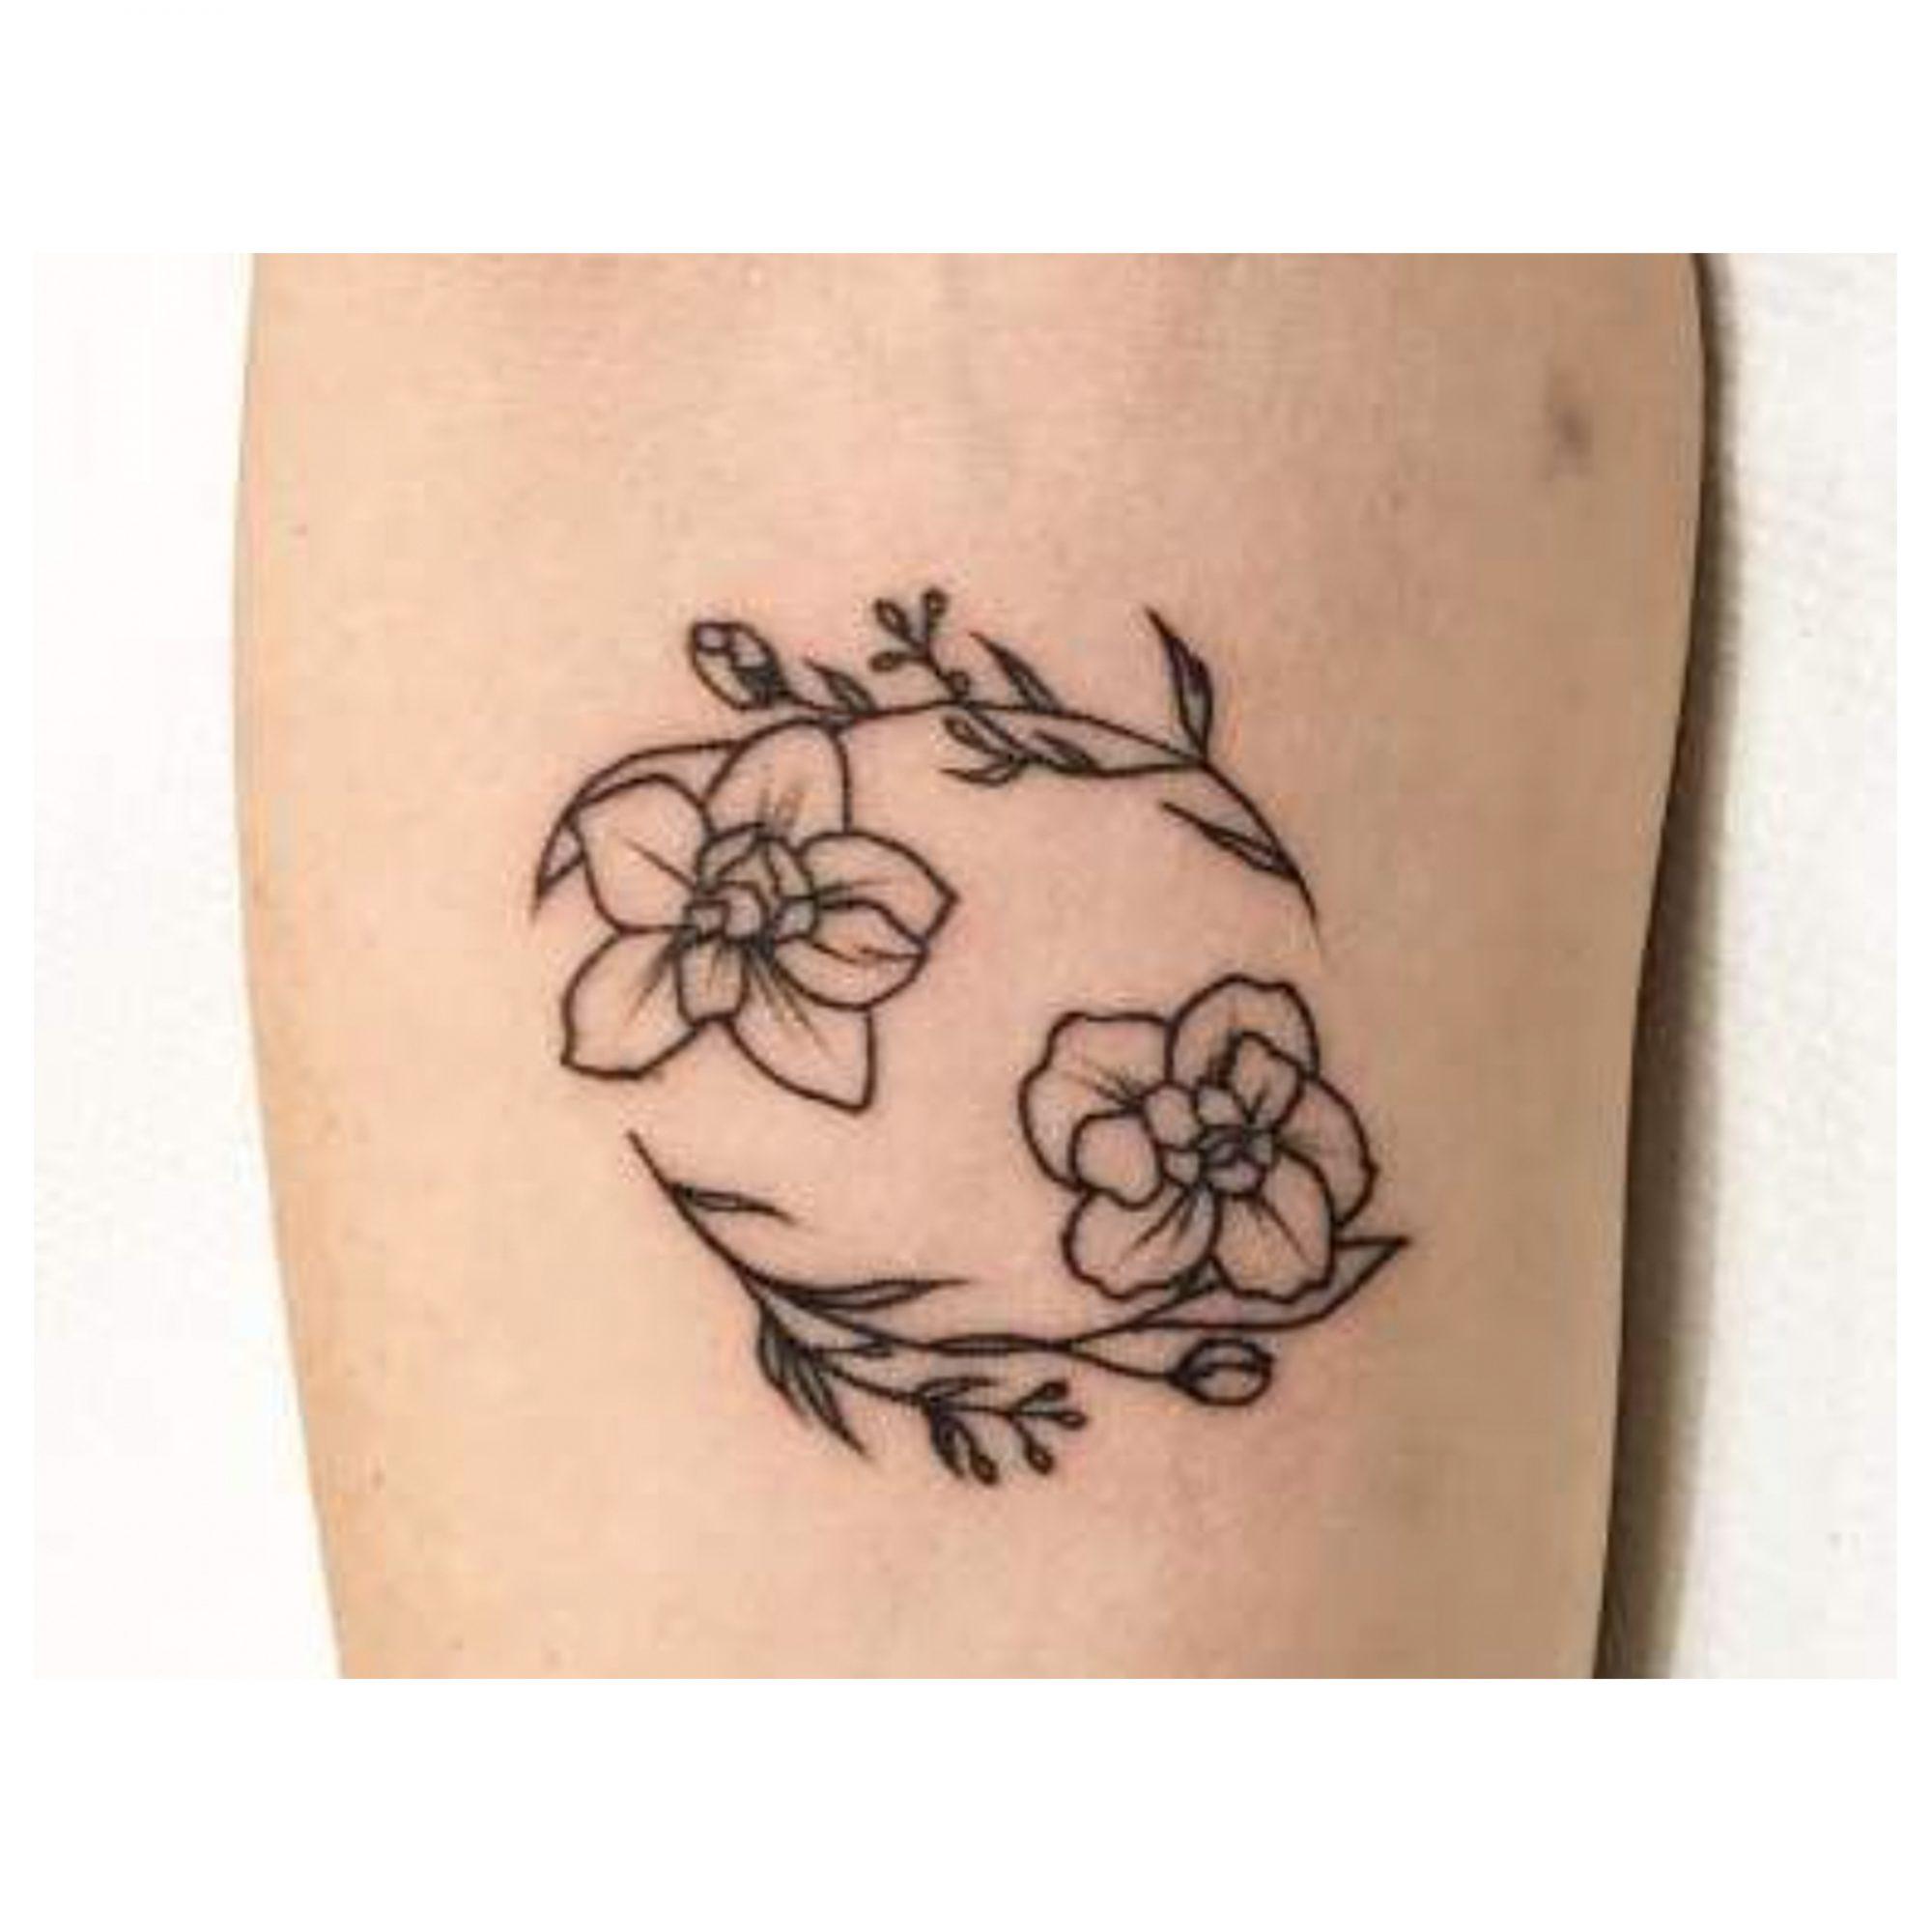 zodiac-sign-tattoo-ideas